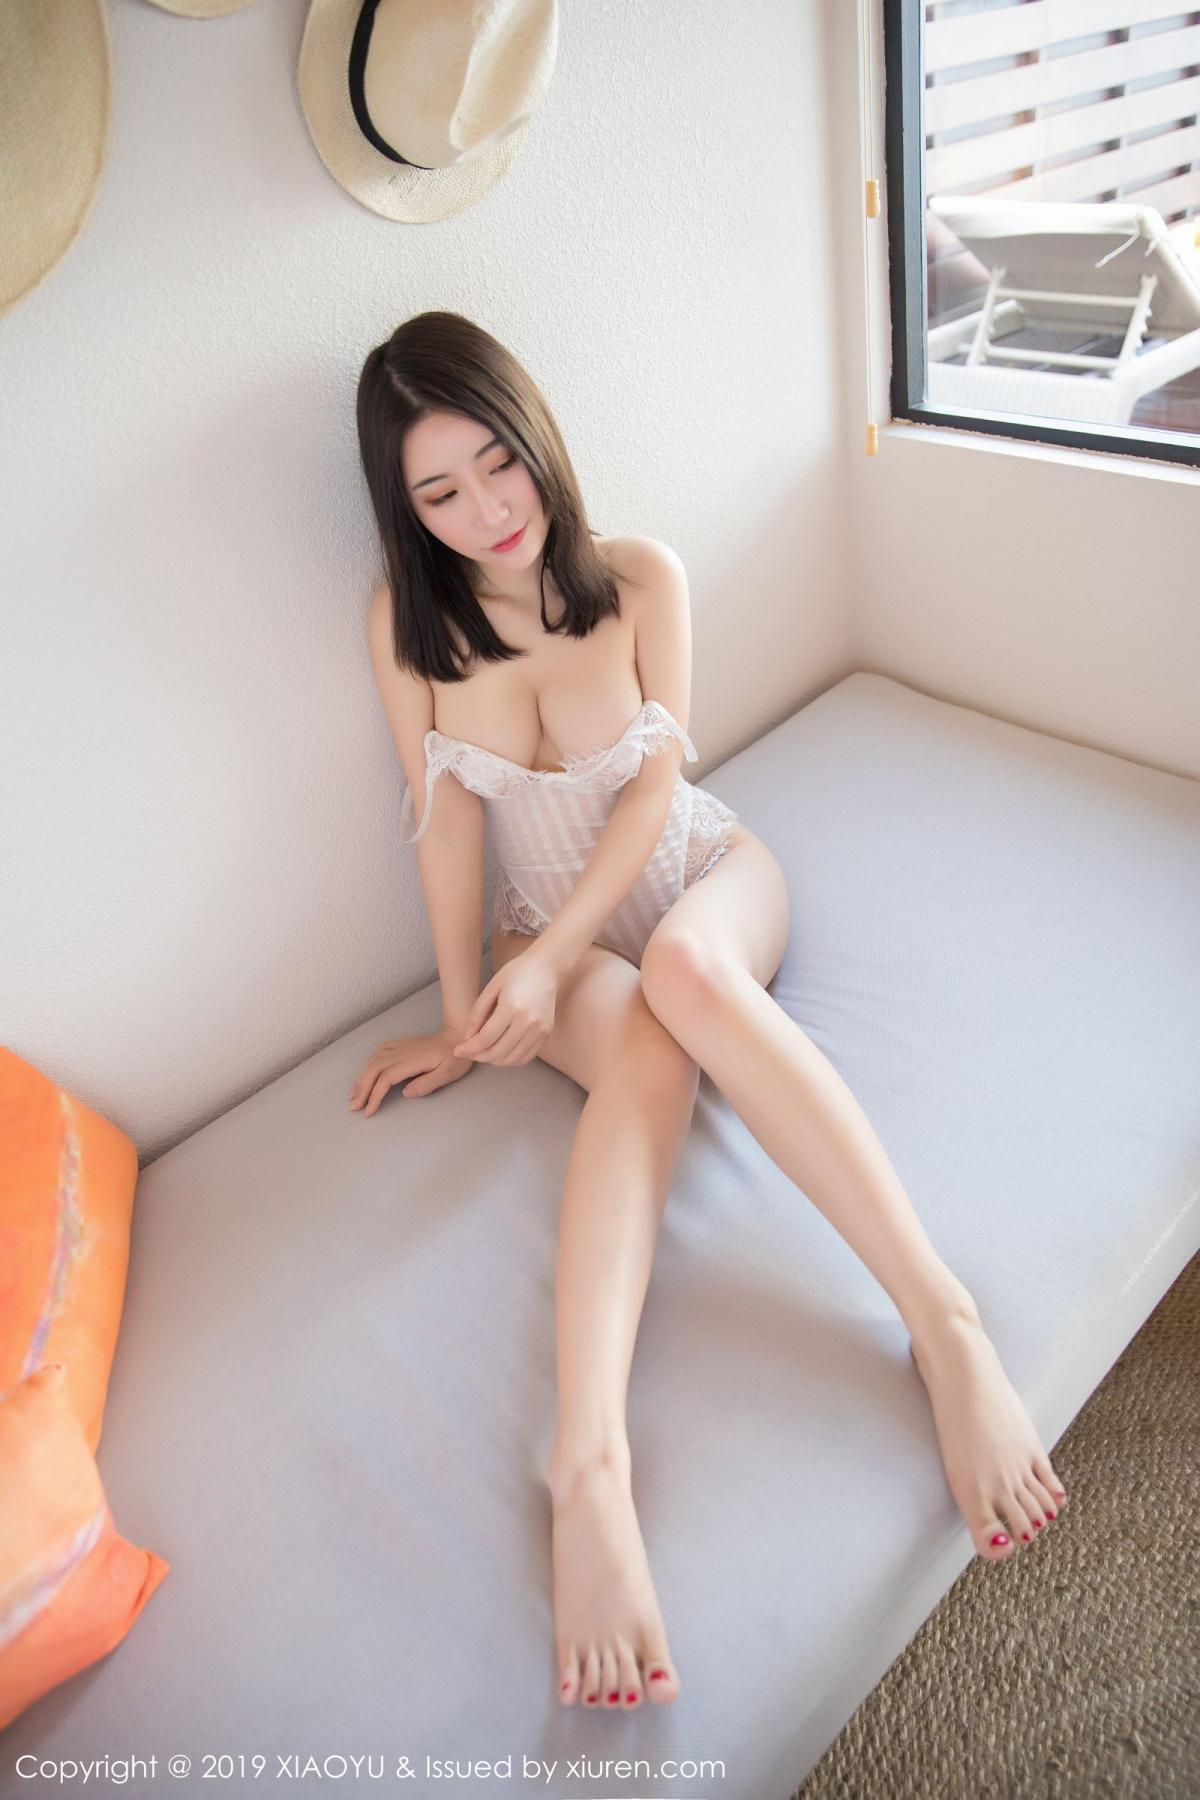 [XiaoYu] Vol.147 Xie Zhi Xin 15P, Bathroom, Big Booty, Wet, XiaoYu, Xie Zhi Xin